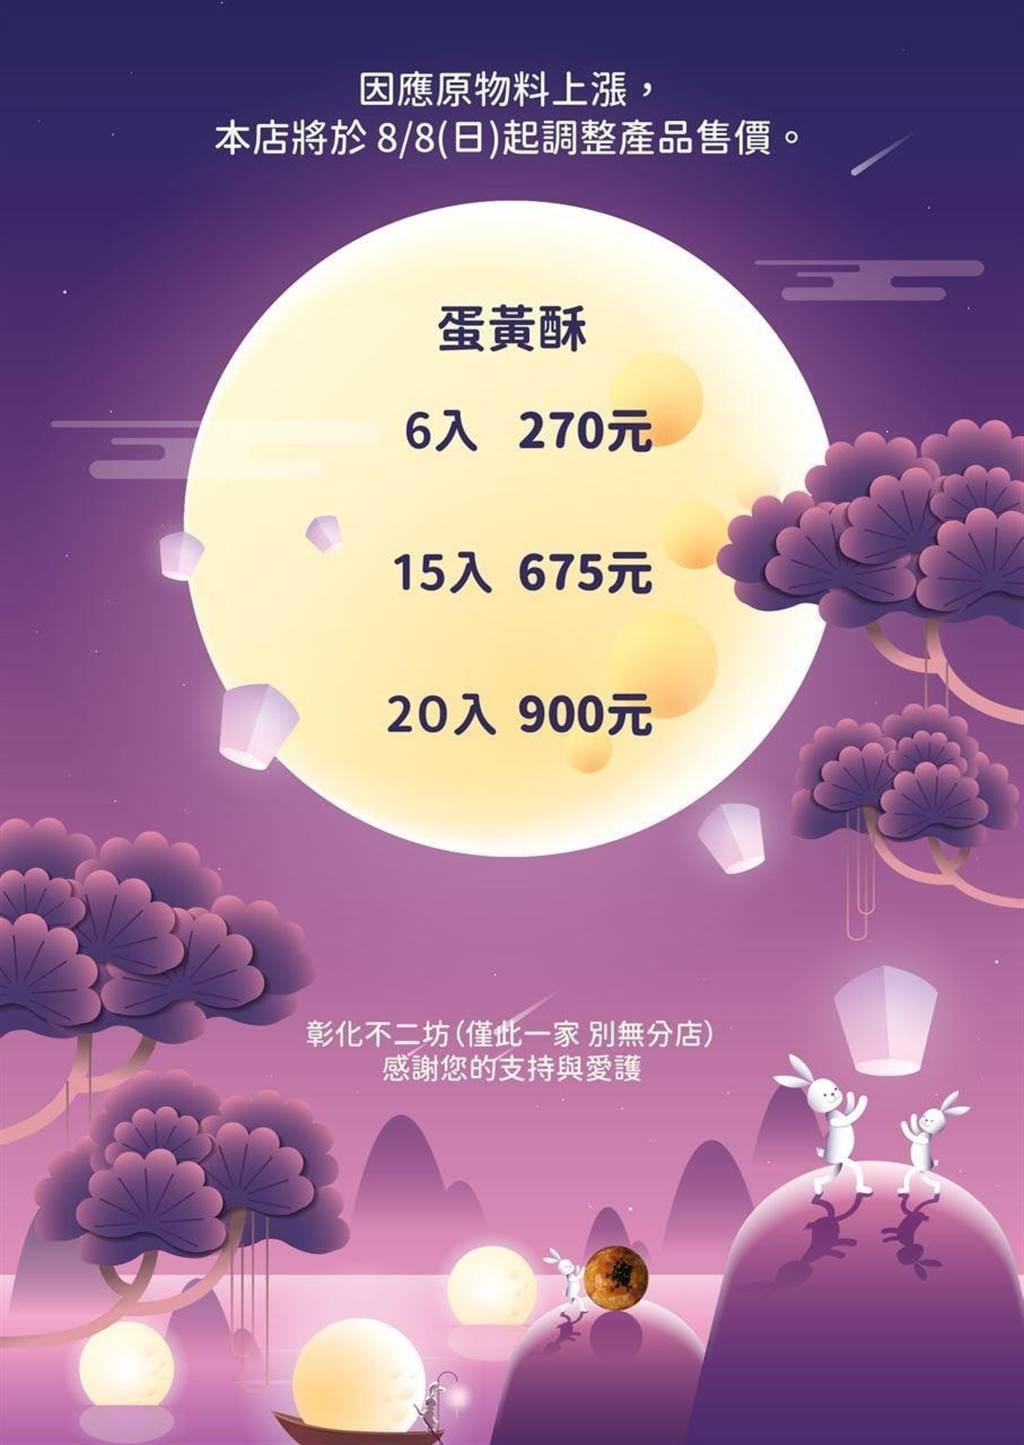 彰化市蛋黃酥名店不二坊宣布調漲售價,引發網友在社群上熱烈討論。(摘自臉書/謝瓊雲彰化傳真)